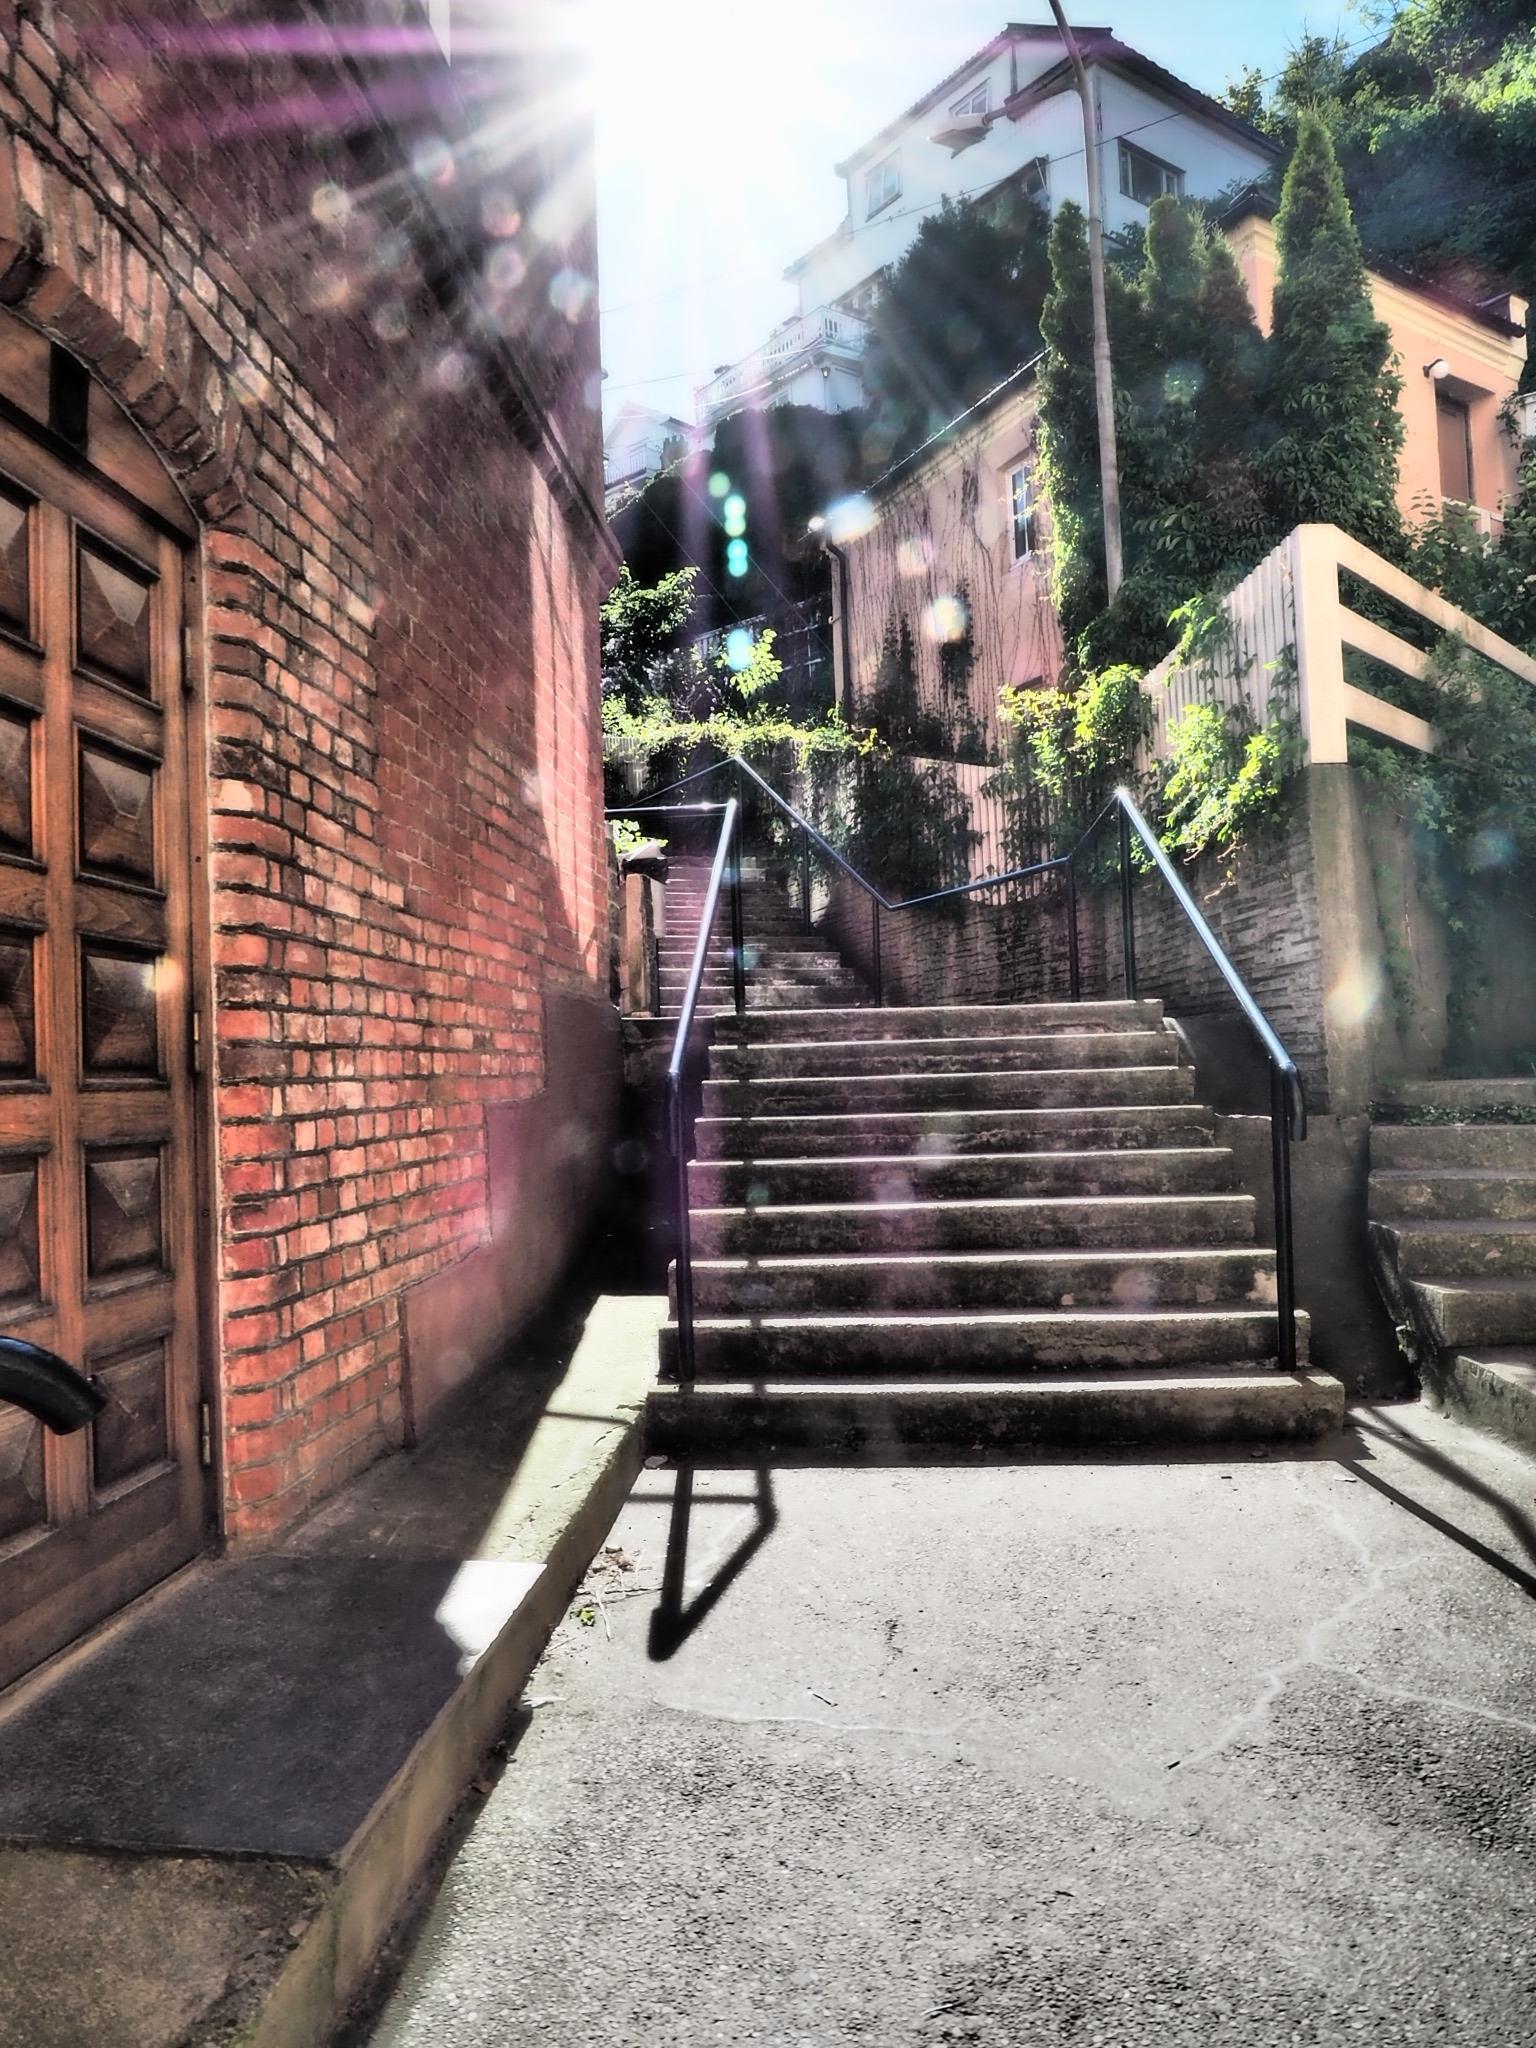 坂と階段、巨岩の連なる美しい町。ムンクも歩いていた小径。